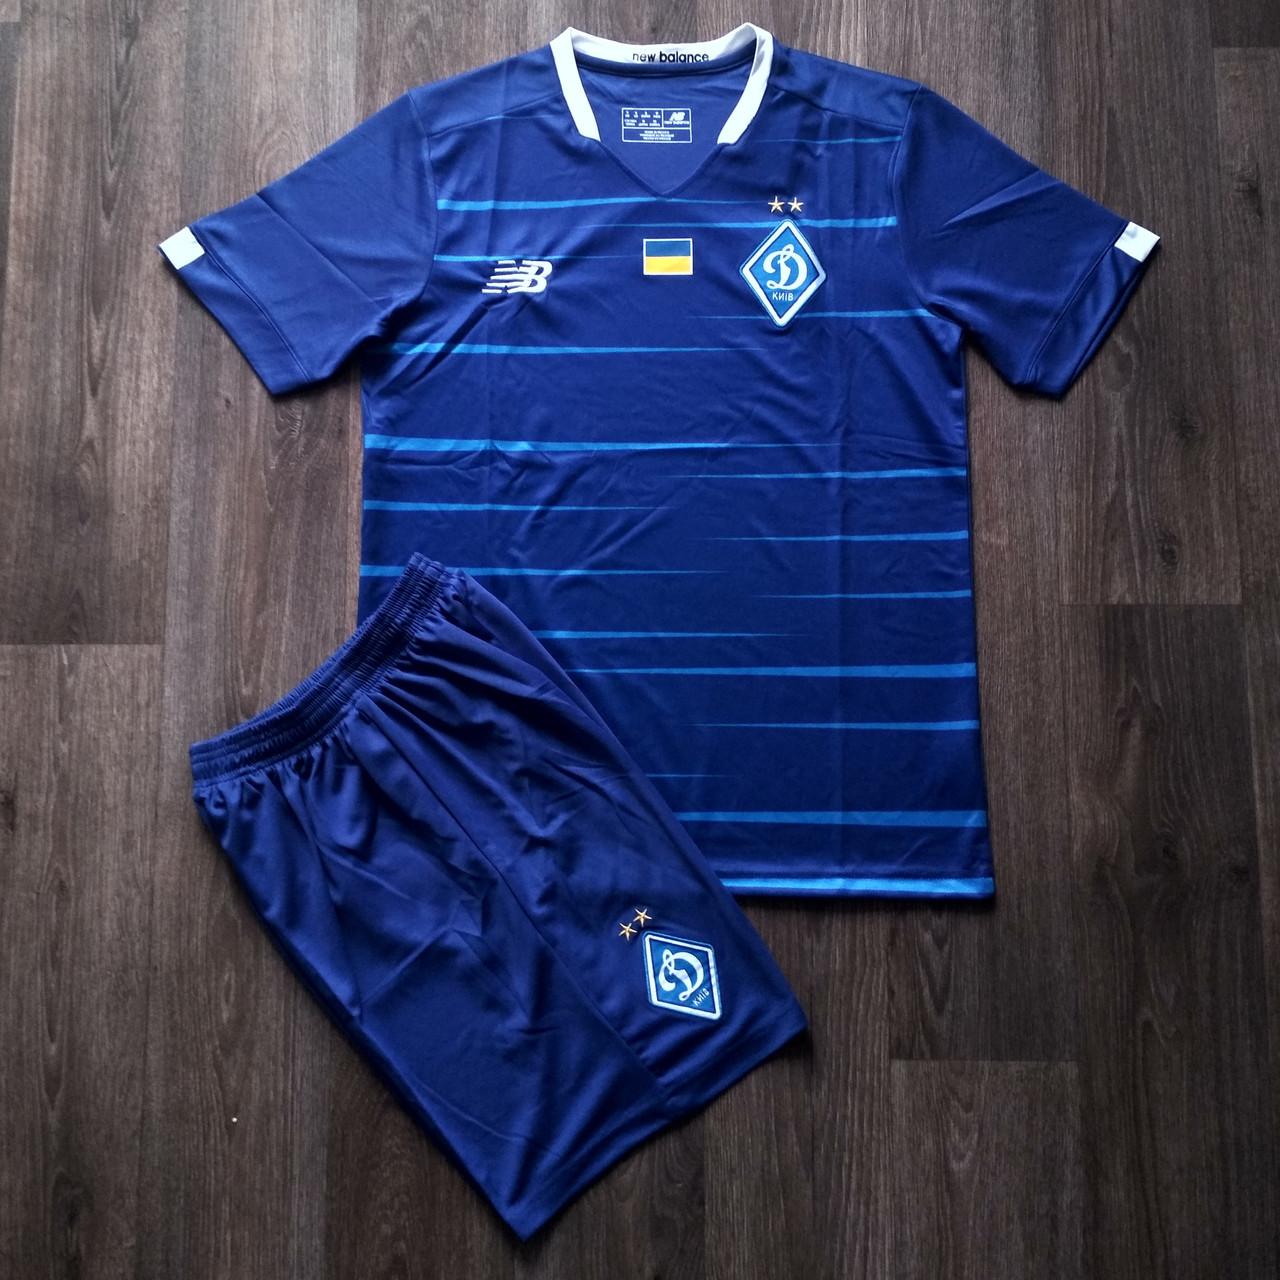 Футбольна форма Динамо Київ/Dynamo Kyiv( Україна, Прем'єр Ліга ), домашня, сезон 2019-2020